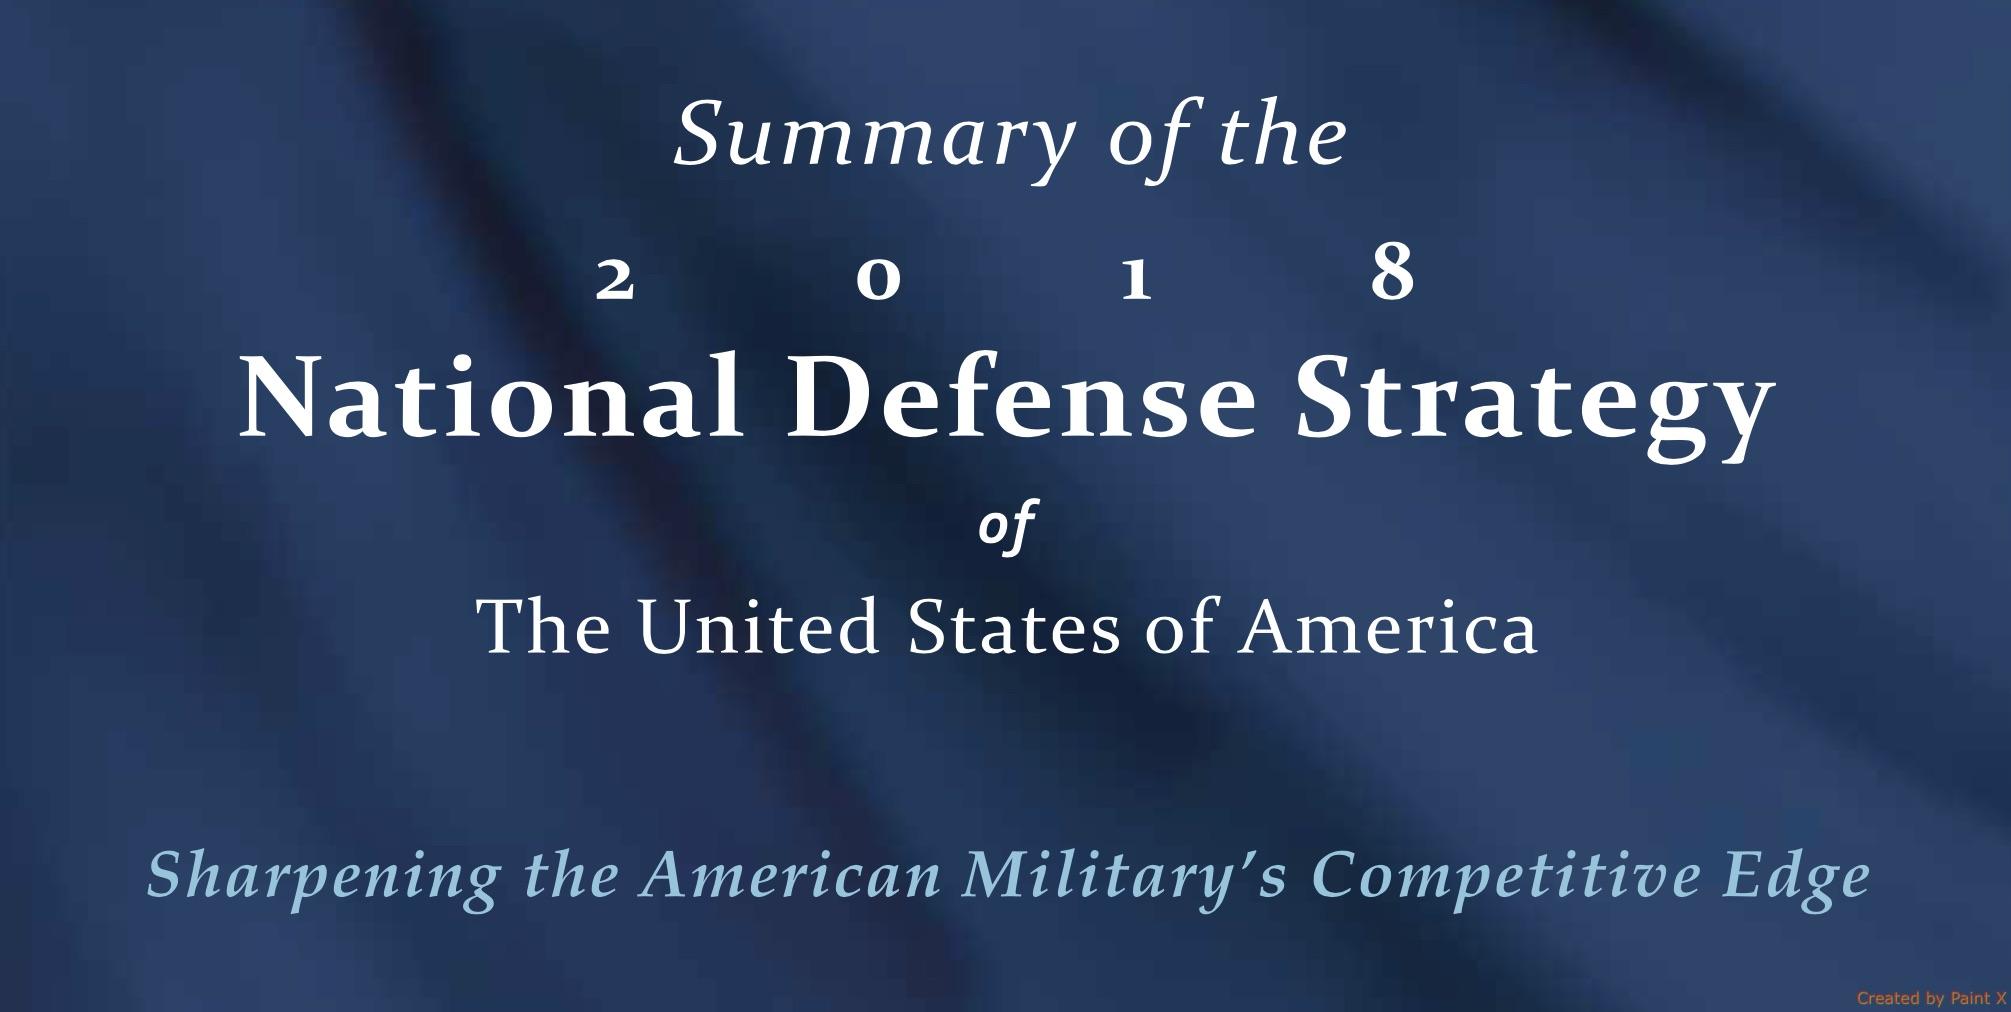 周五(1月19日),美國國防部公佈《國防戰略報告》,報告中將中共和俄羅斯列為最重要的對手,指它們對美軍構成的威脅超過恐怖主義。(美國國防部網站)